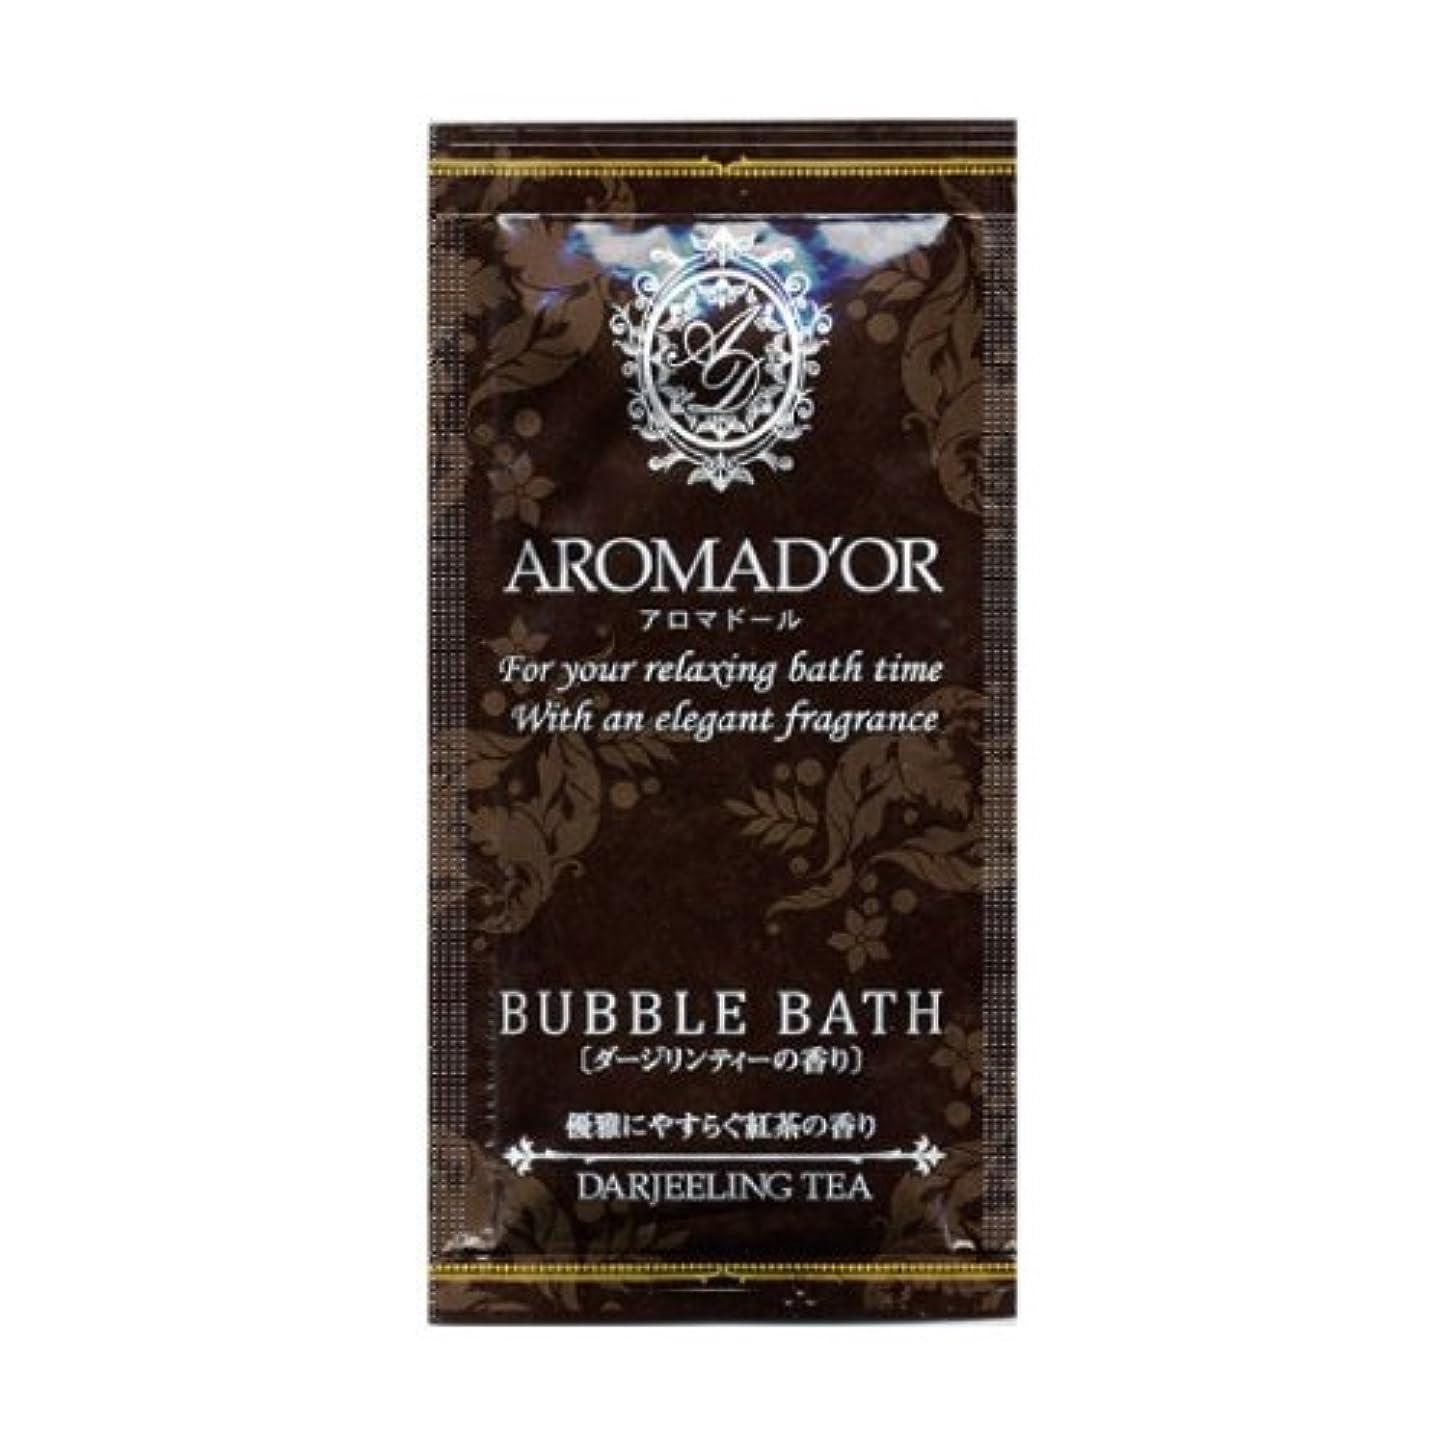 スーパー厳弾丸アロマドール バブルバス ダージリンティーの香り 12包